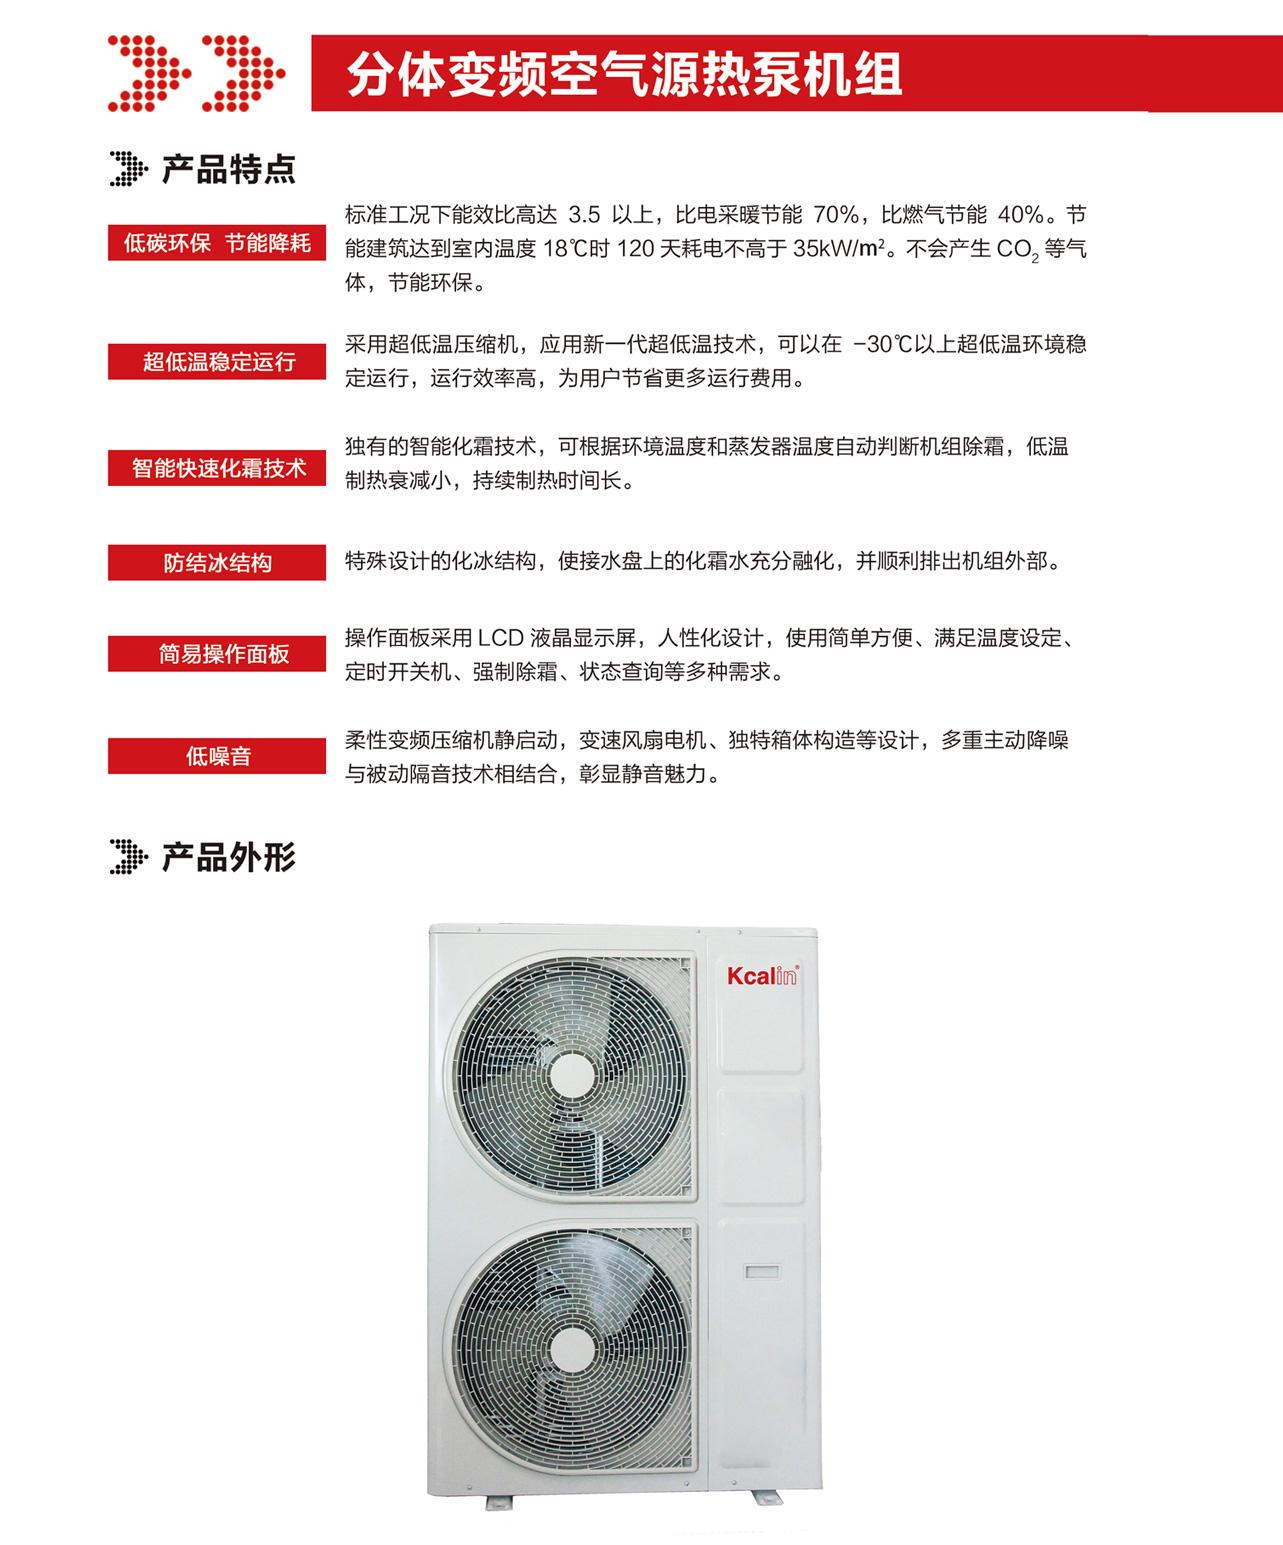 分体变频空气源热泵机组